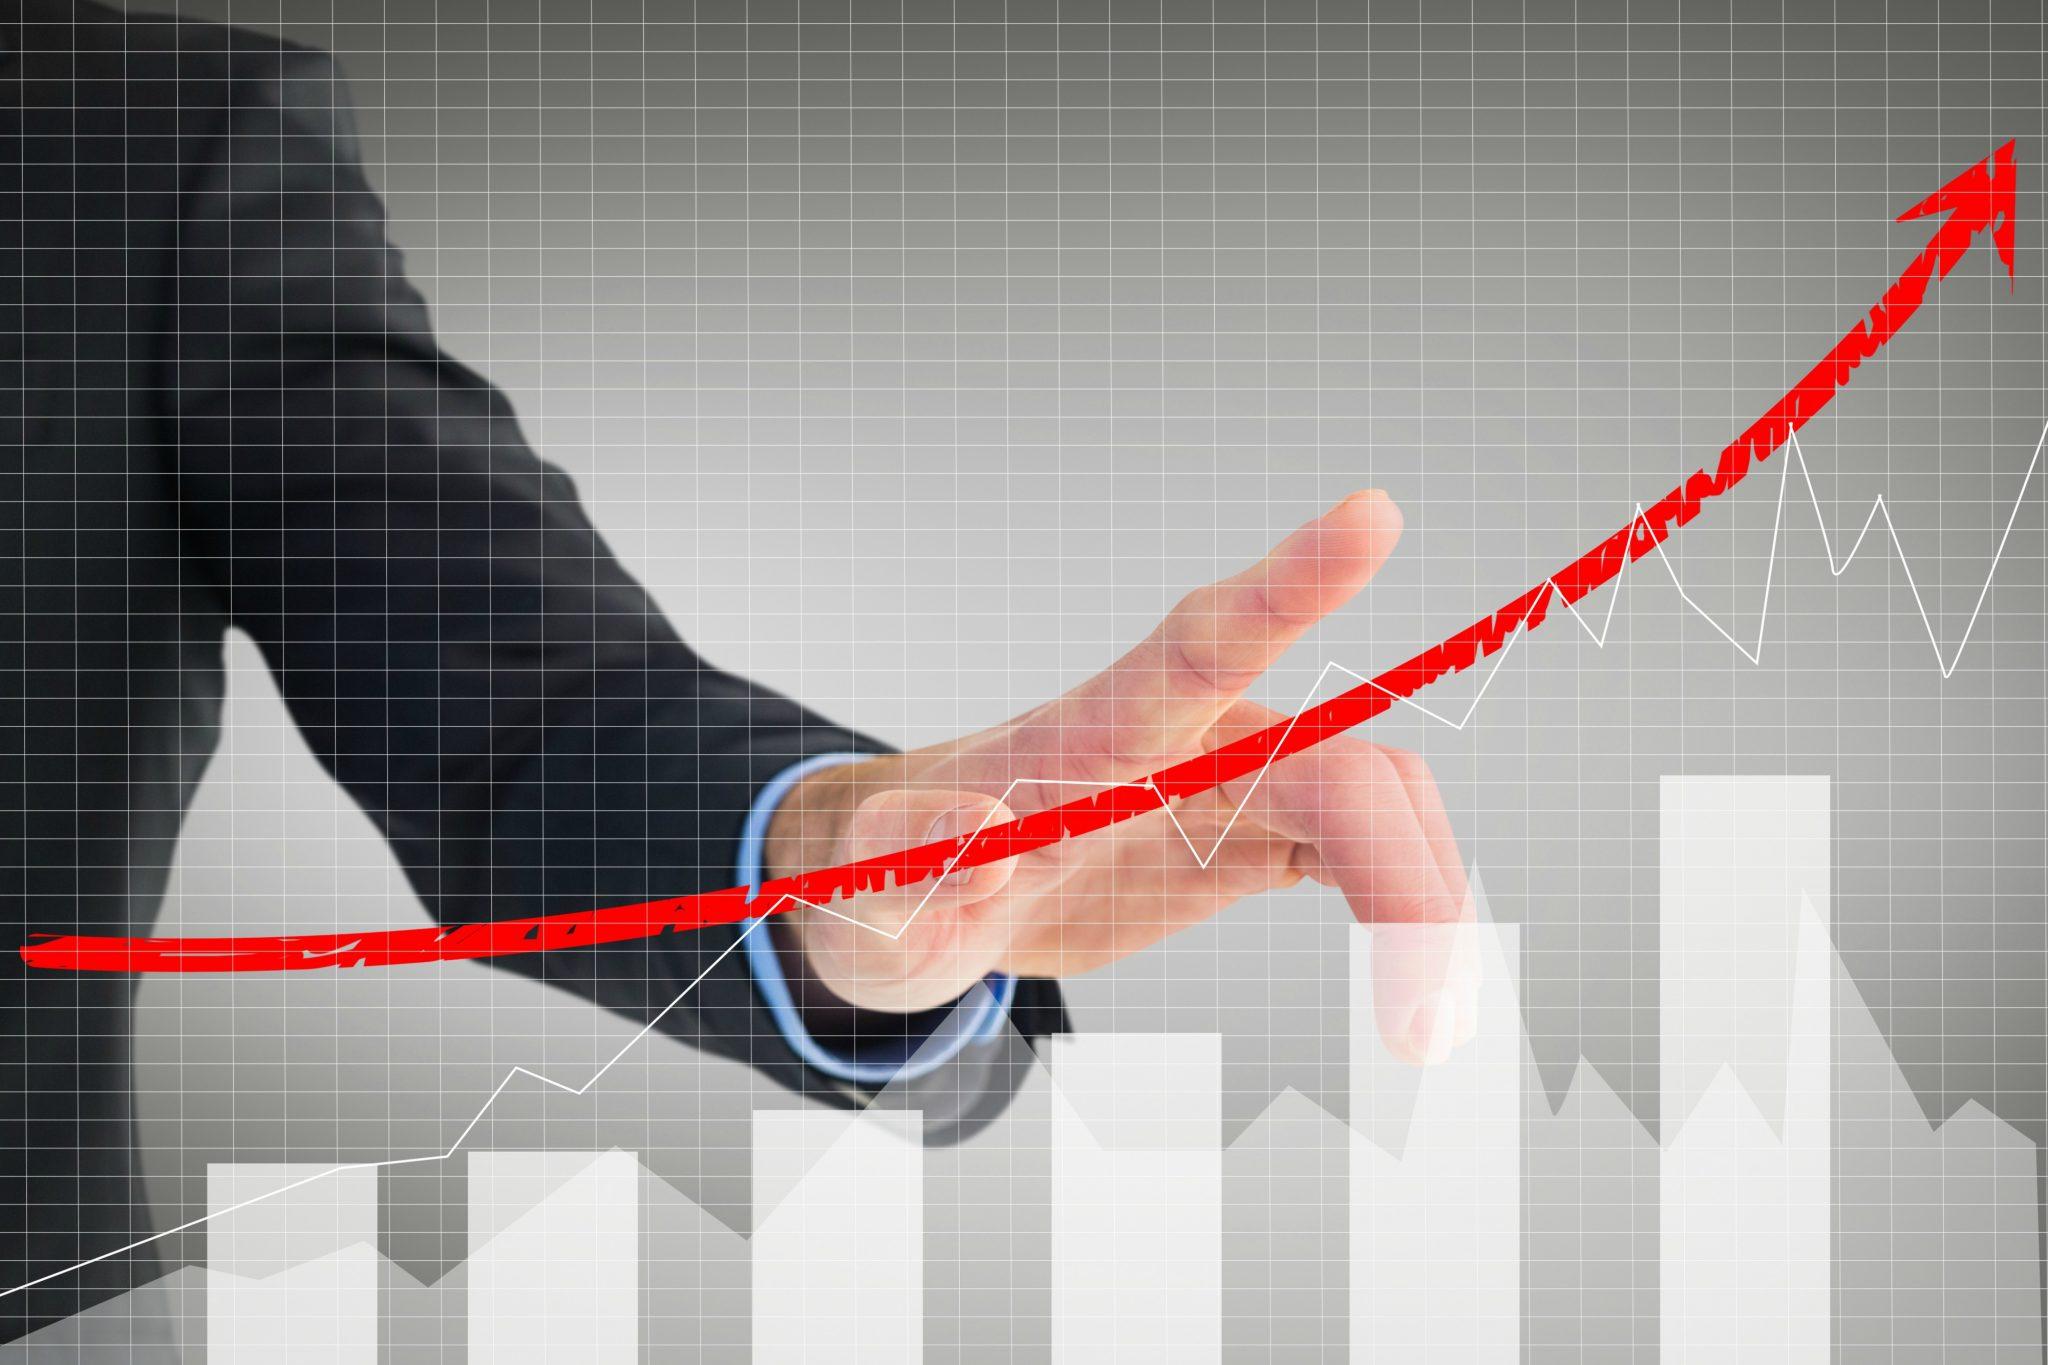 IQVIA publica dados de janeiro de mercado farmacêutico